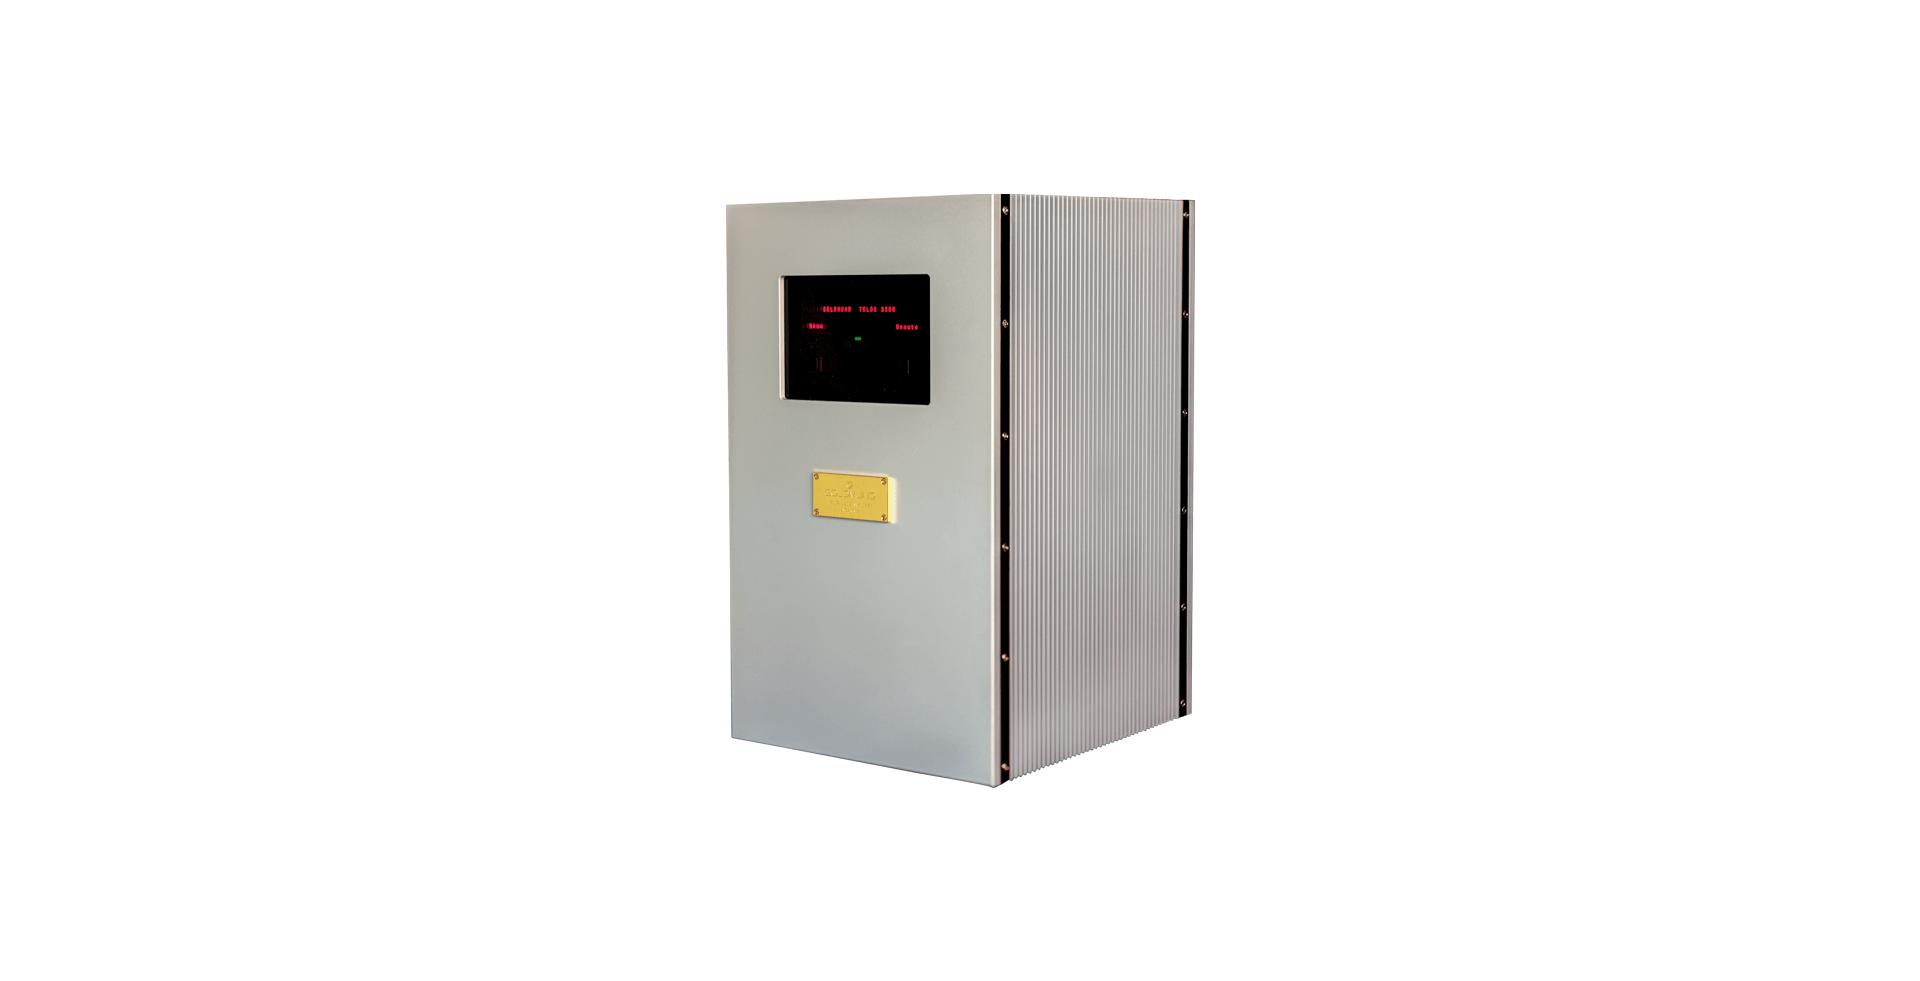 Telos 3300 Nextgen mono amplifier